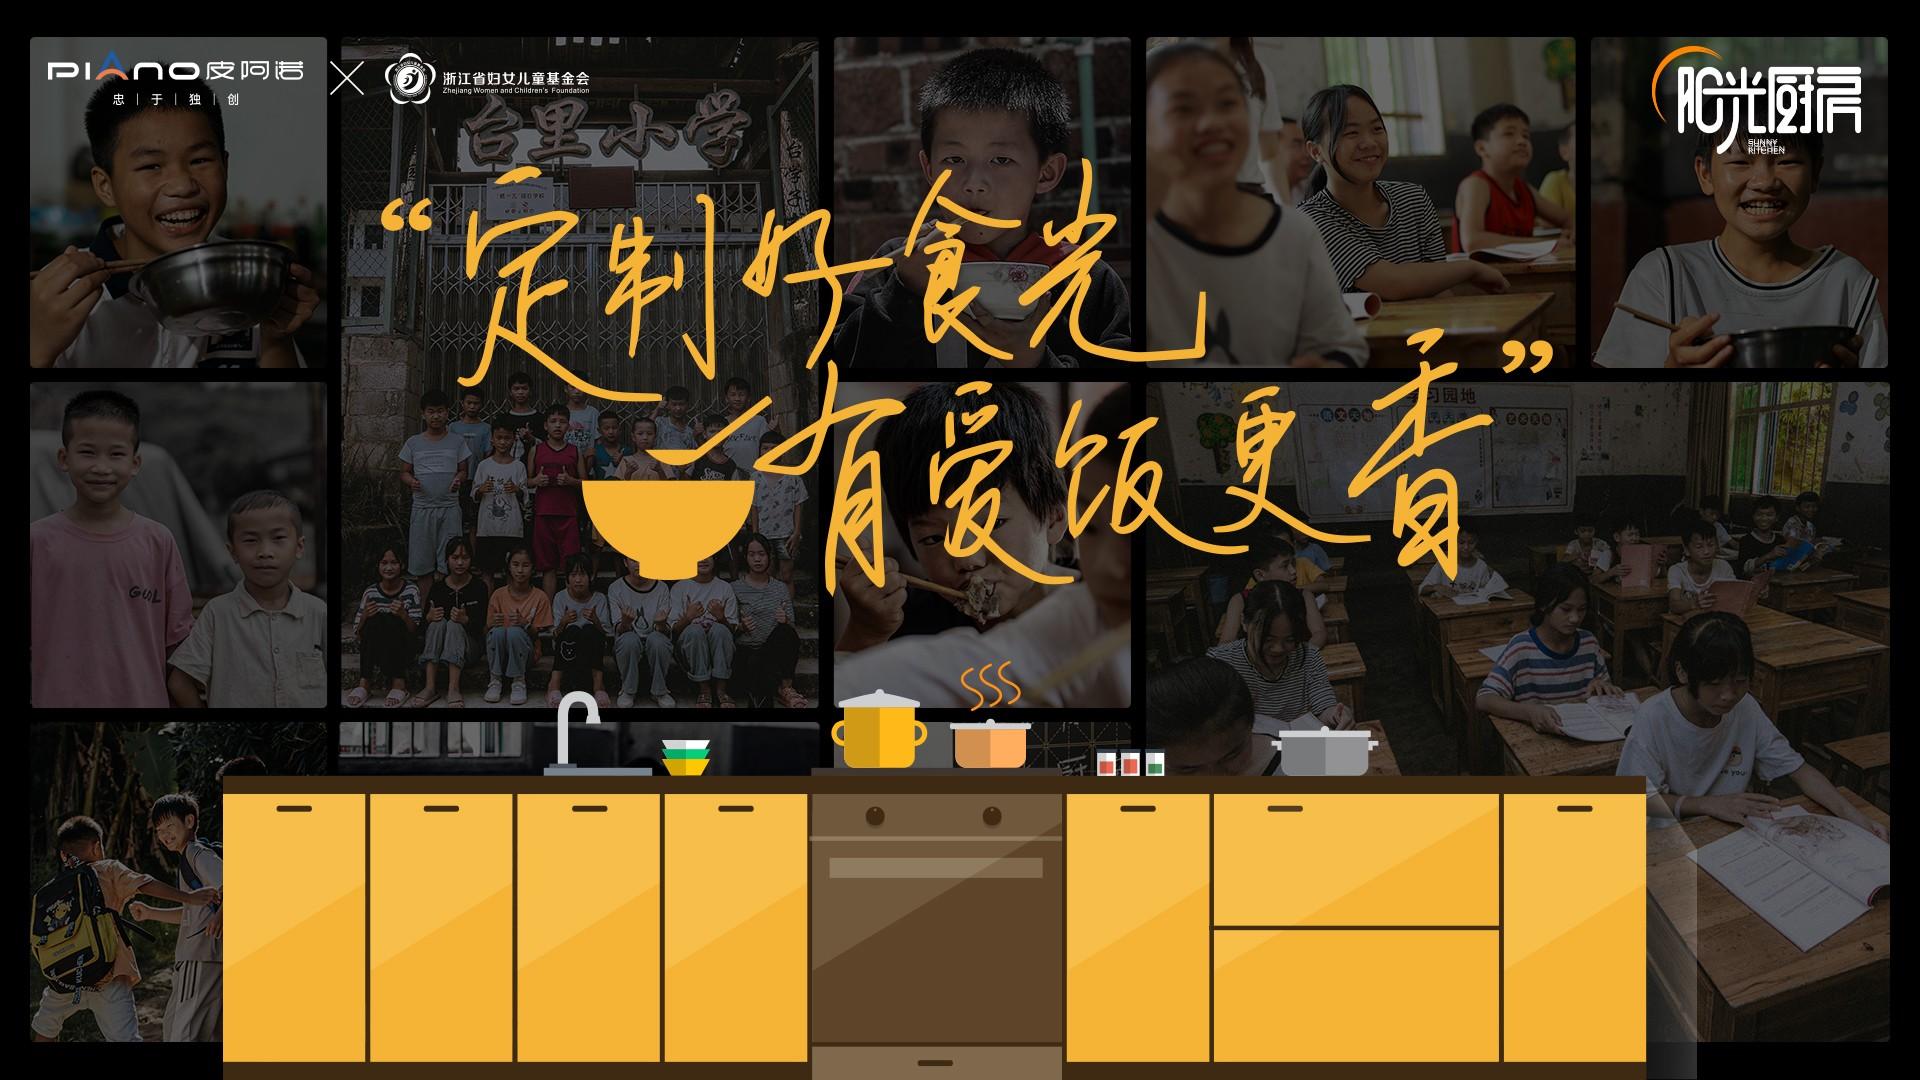 乡村学校儿童关怀实践 皮阿诺阳光公益厨房落成 泛商业